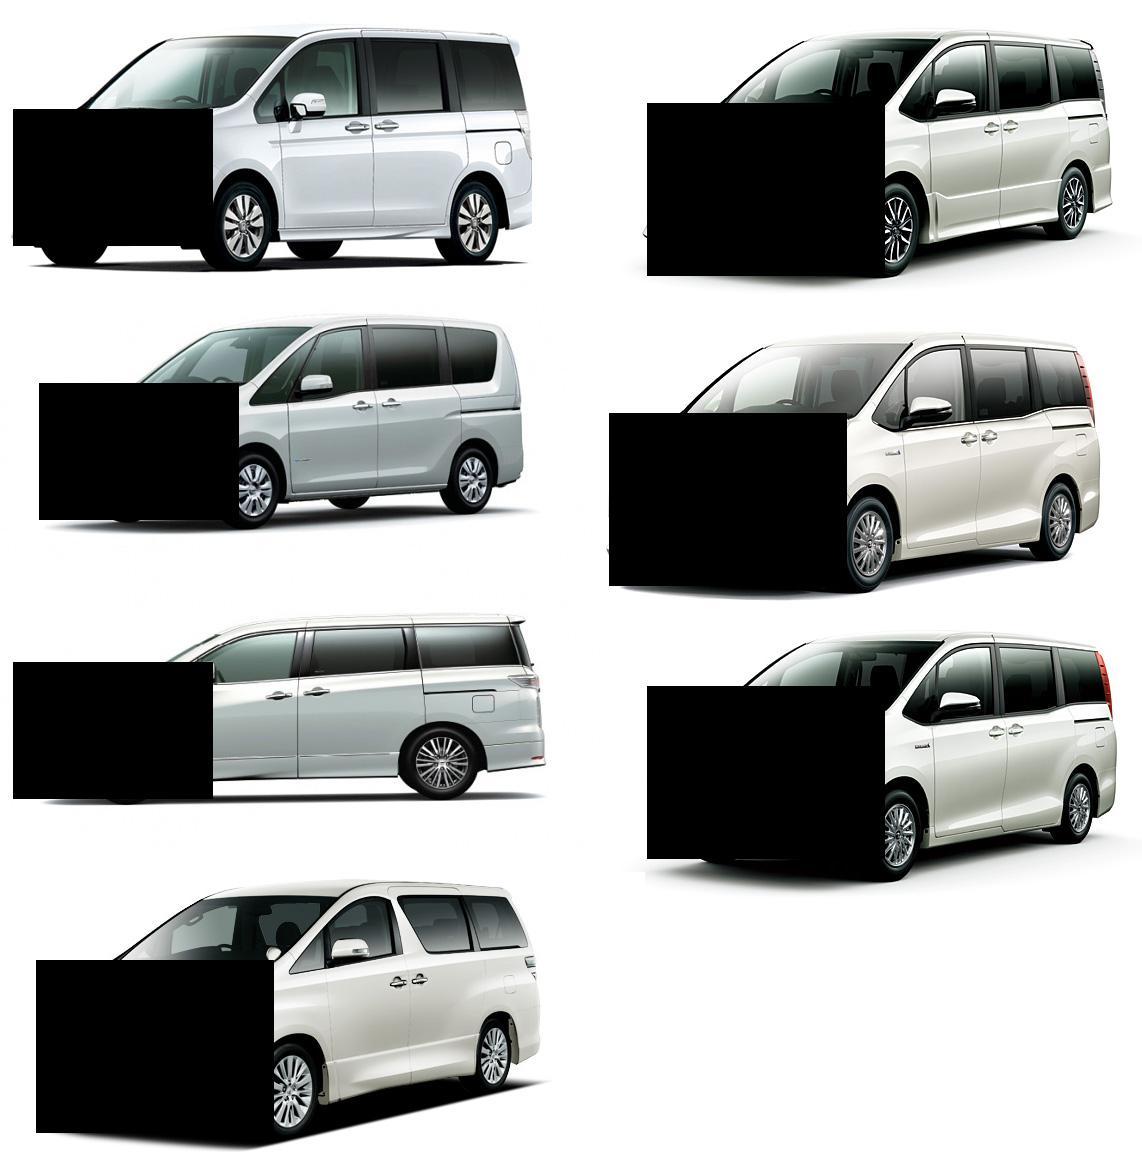 国産ミニバンのグリル隠したら全部同じ車にしか見えなくてクソワロ pic.twitter.com/92KwfzFonT